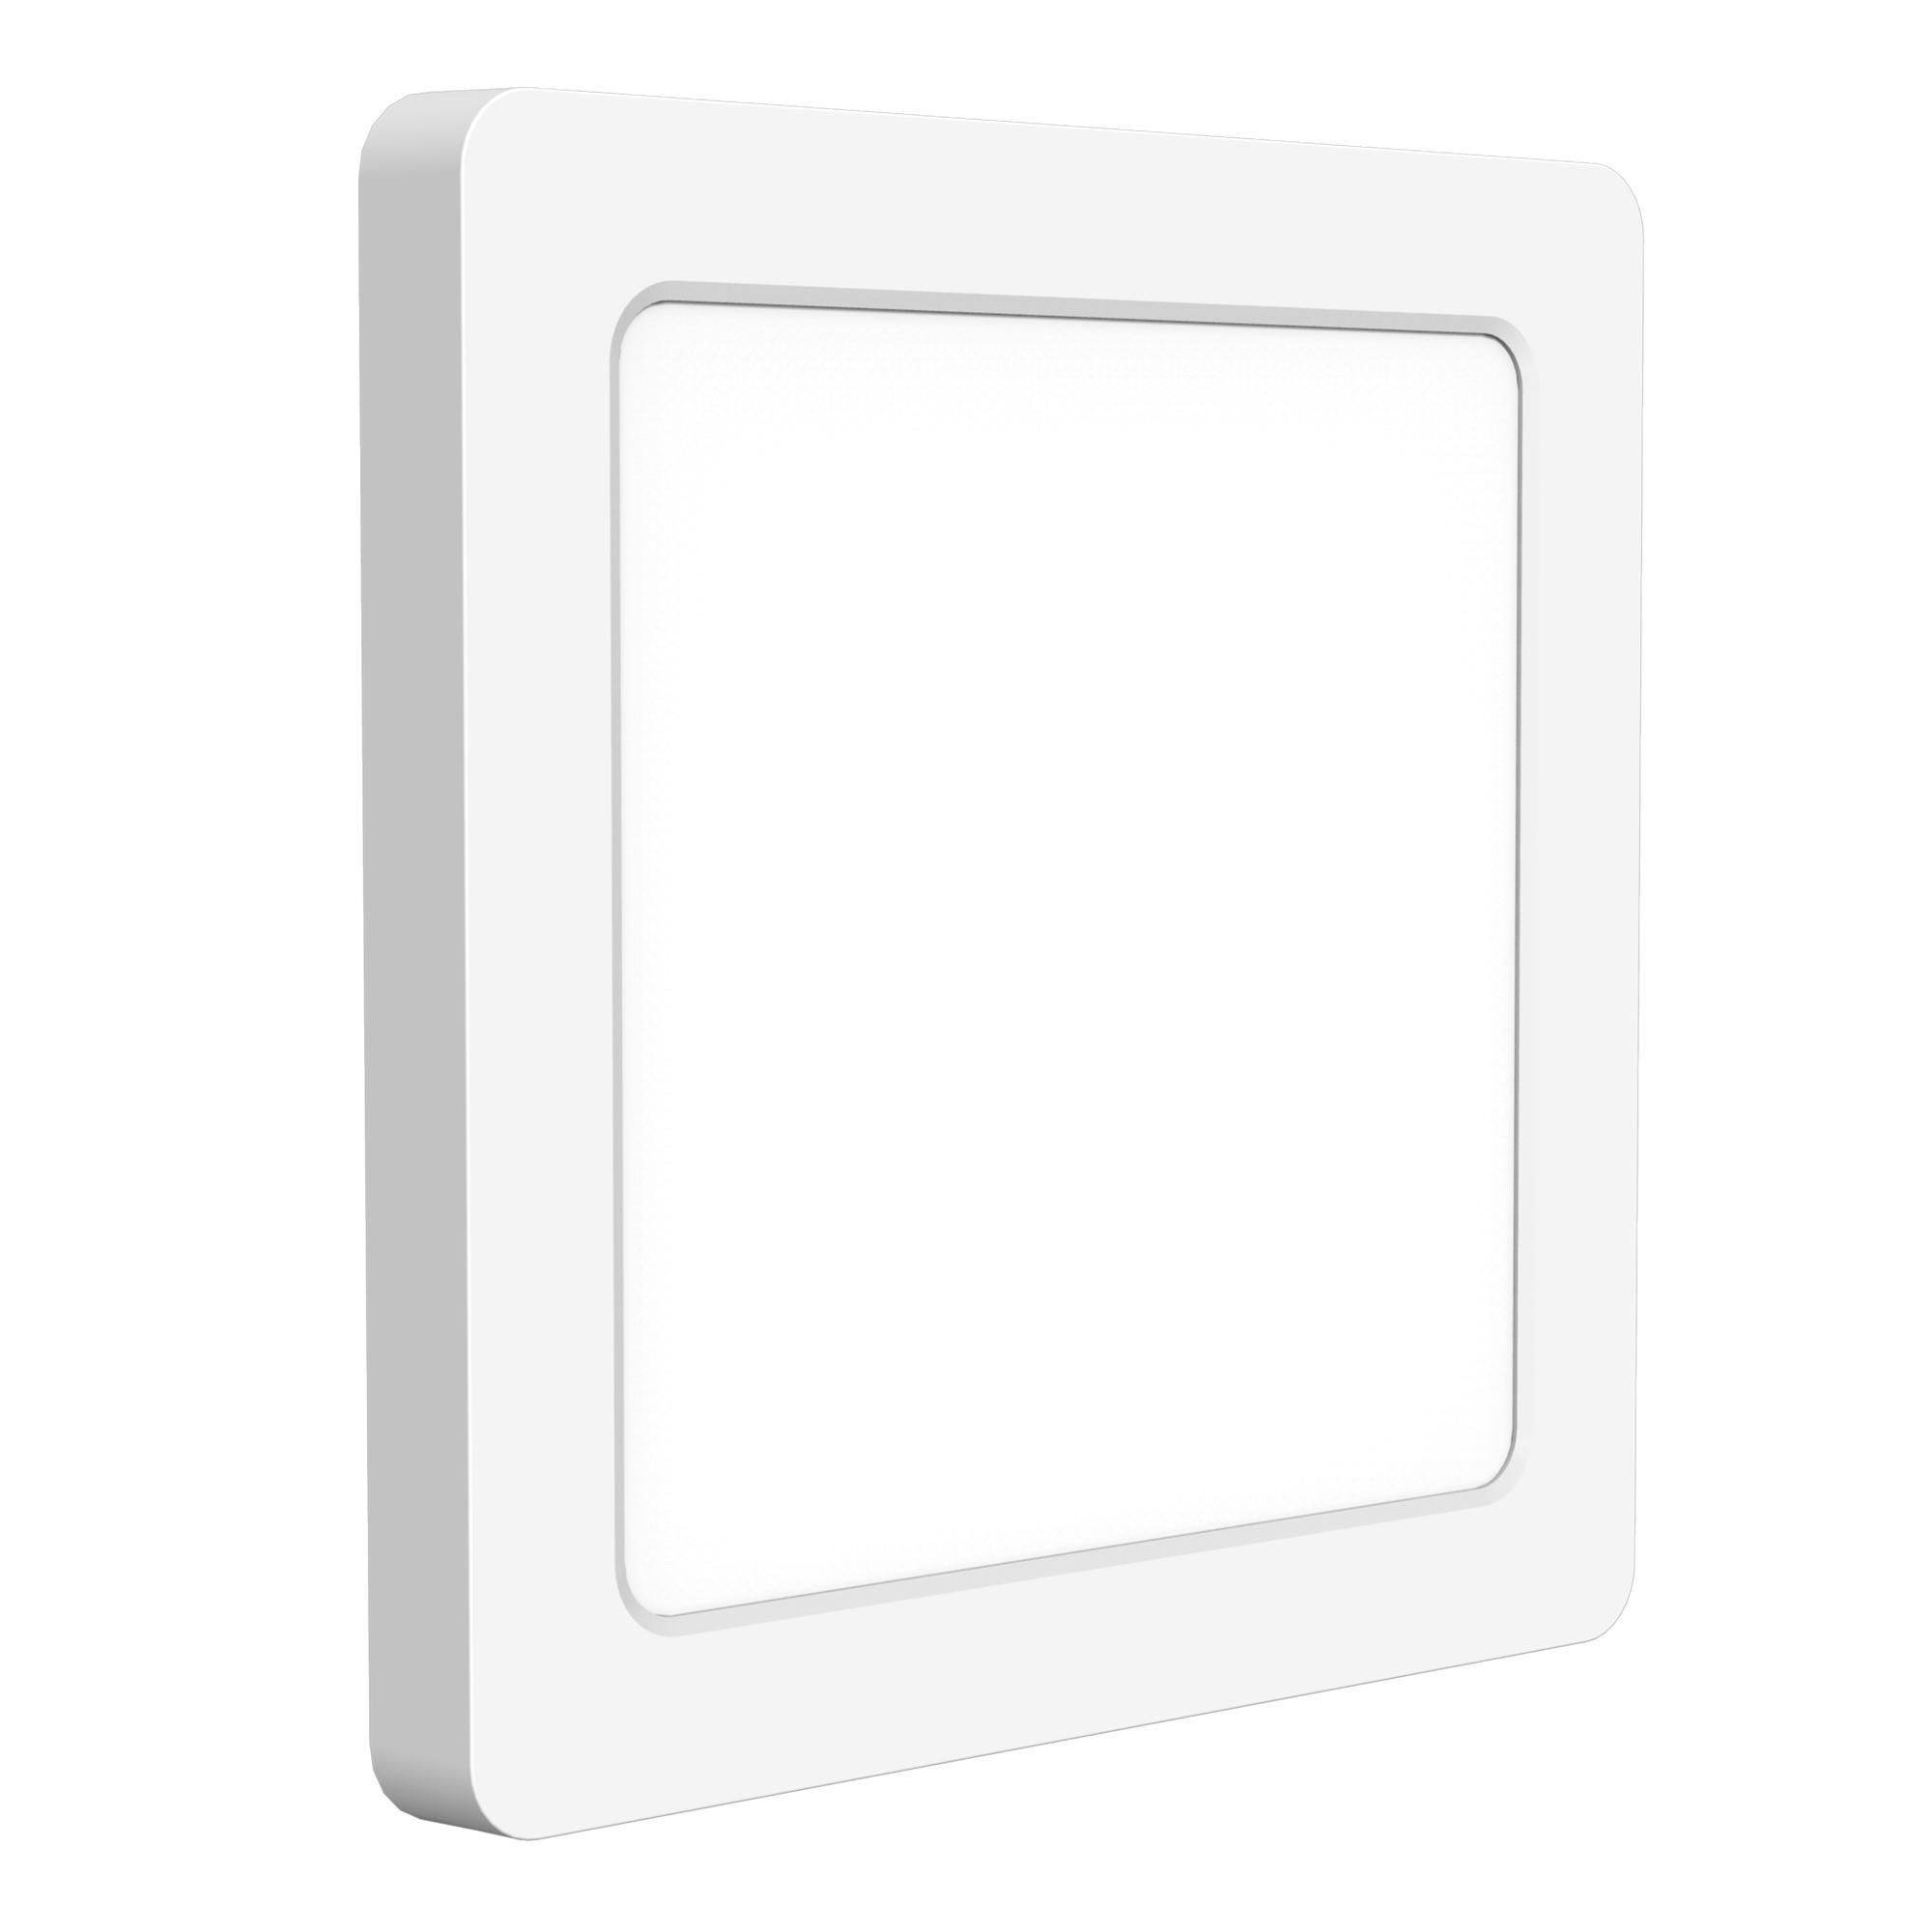 CCT LED Ein-Aufbaustrahler 12W 3000/4000/6000K